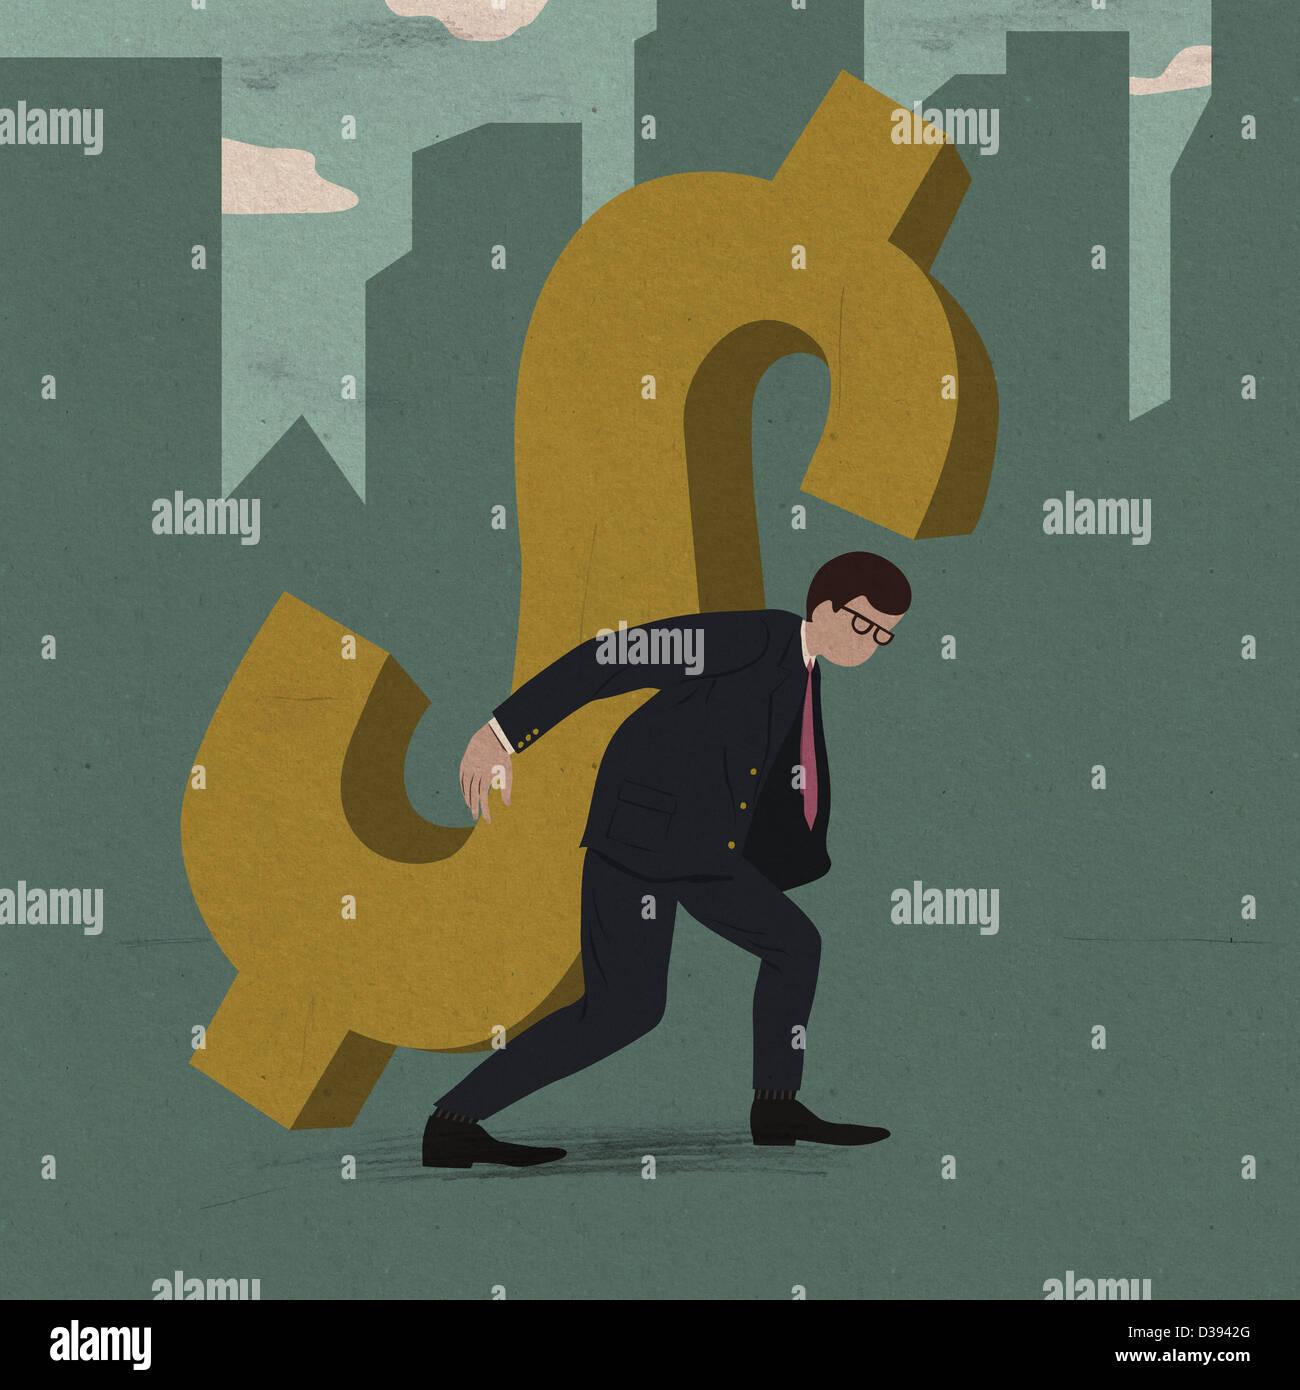 Empresario llevar la carga de deuda de las empresas Imagen De Stock